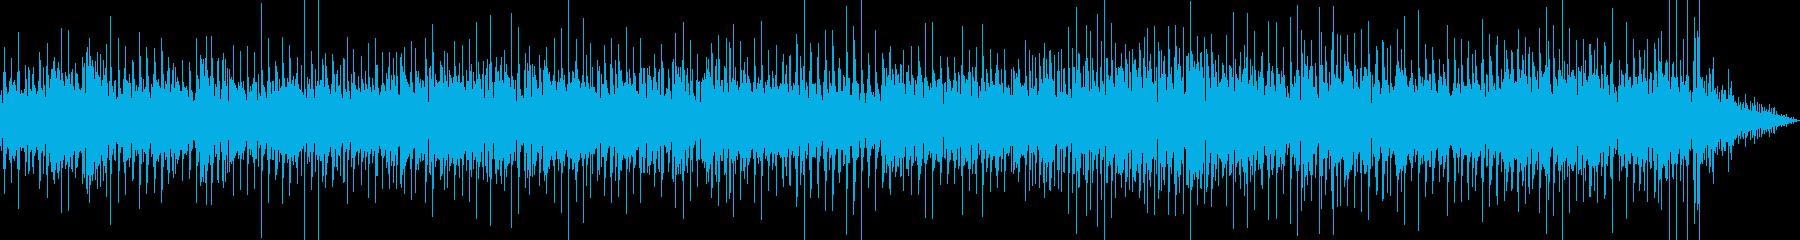 生ギタ-山を豪快にツーリング,カントリーの再生済みの波形